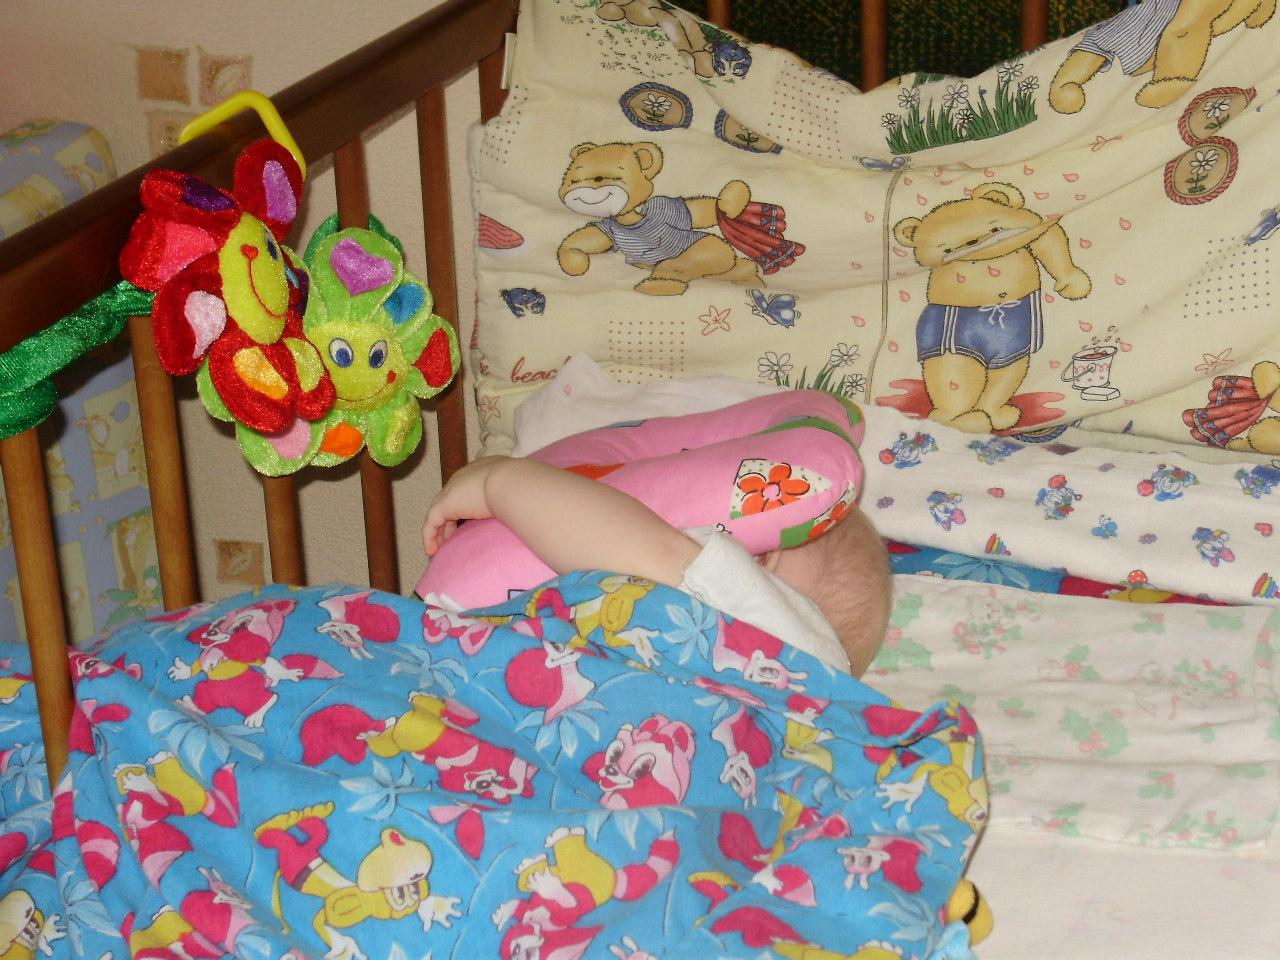 любимая подушечка. Спят усталые игрушки